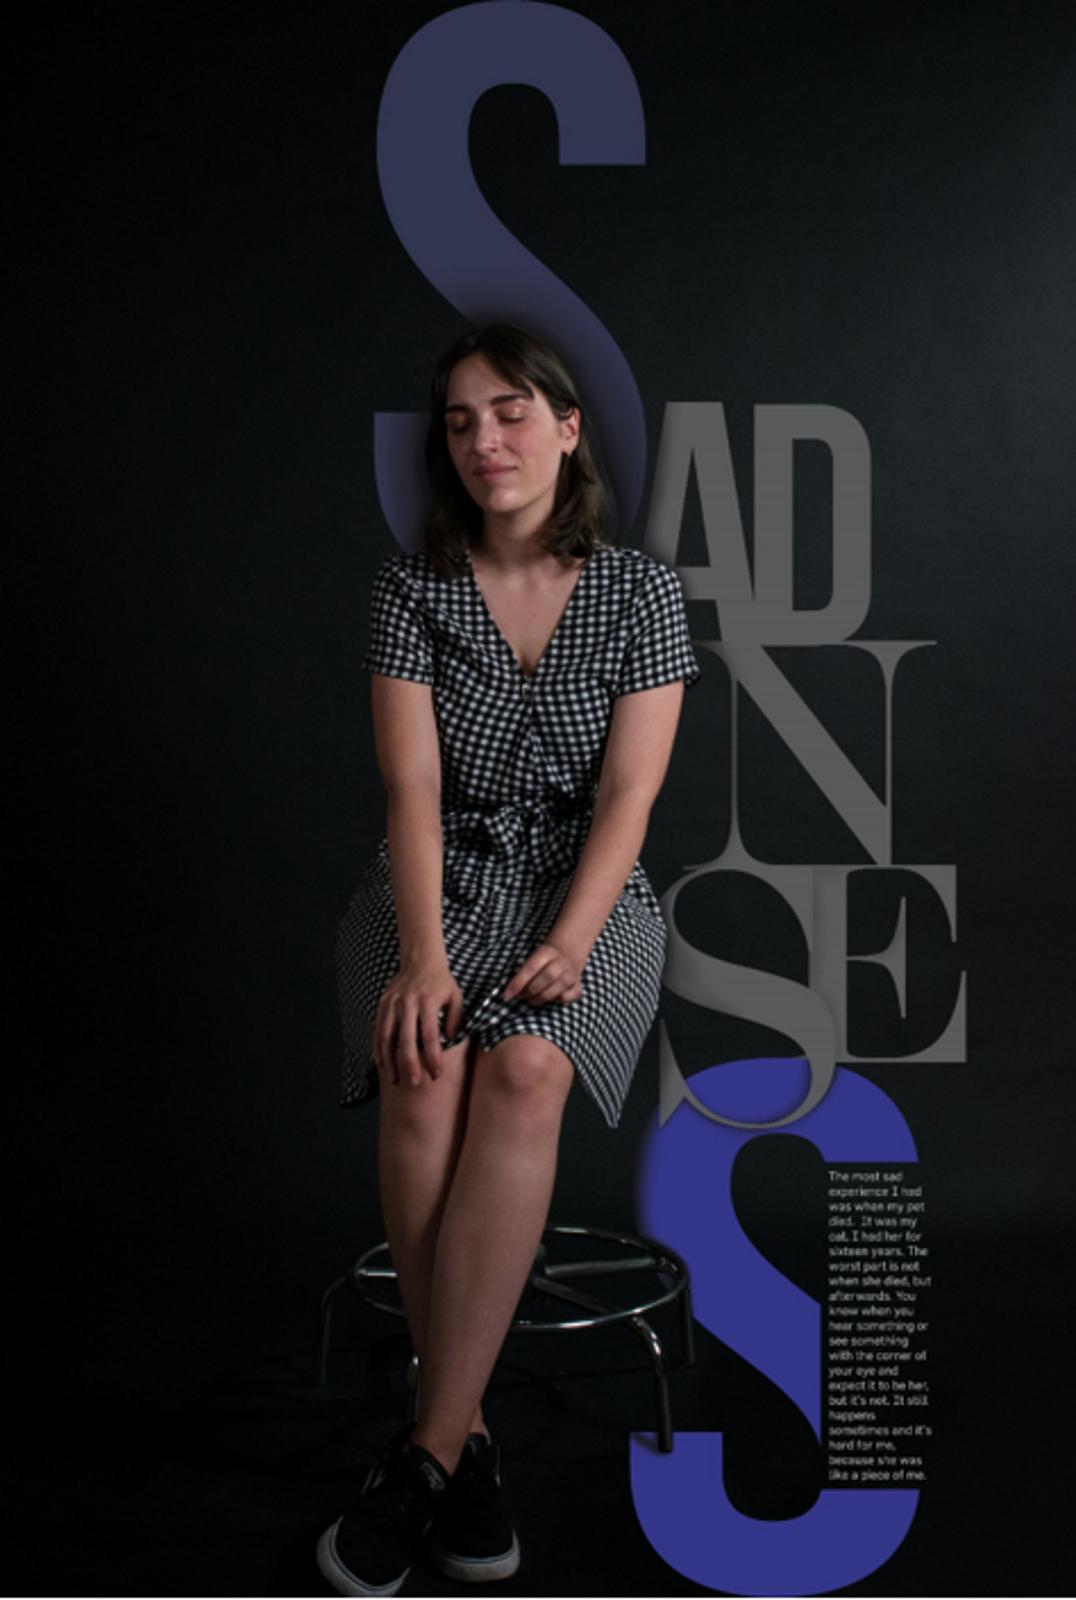 <p>Силвана Собрал е на 22 години от Португалия. Тя губи своя домашен любимец, малко след загубата и на близък човек. За нея е било мъчително как продължава да вижда неща, които вече ги няма.</p>